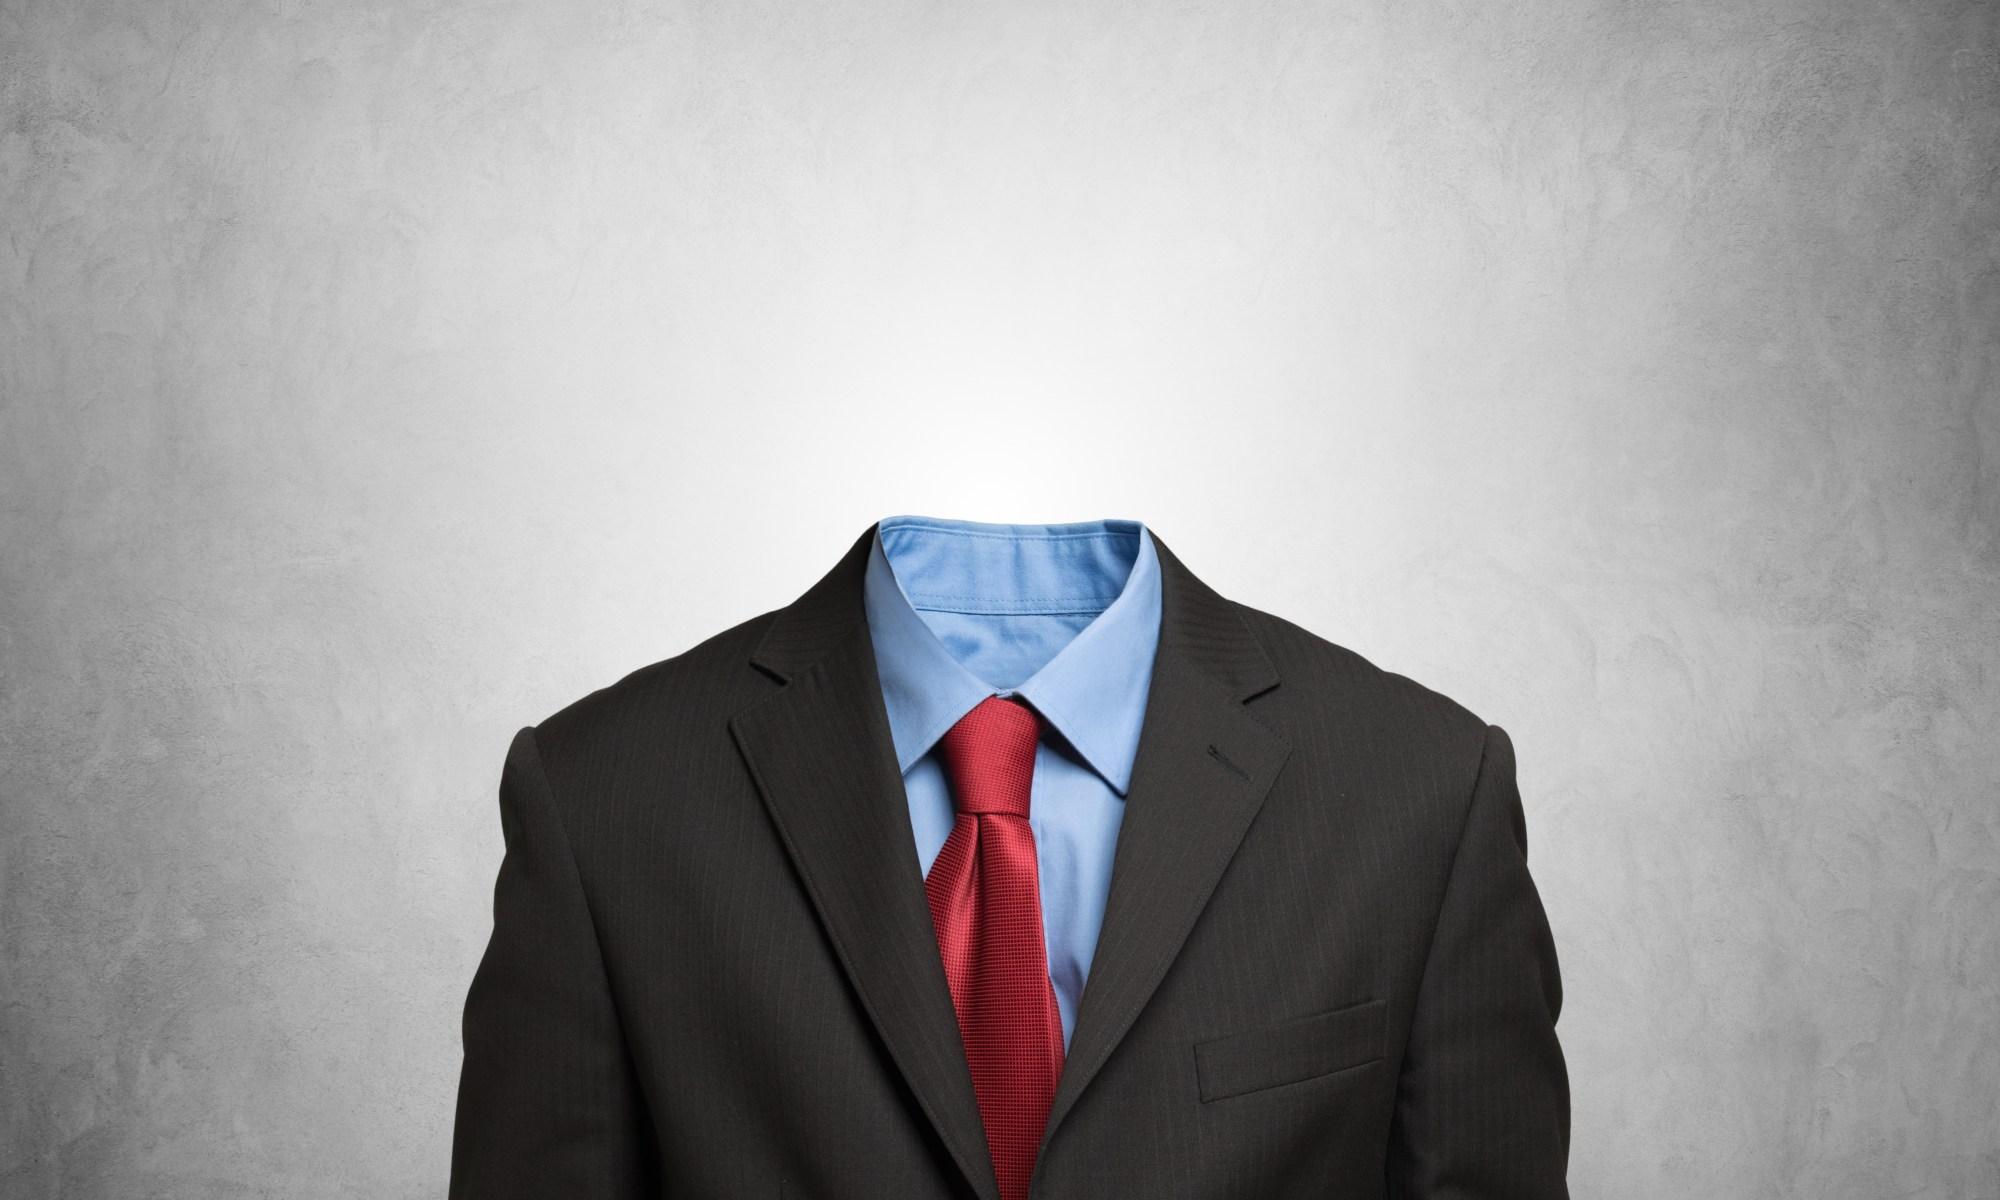 An empty suit